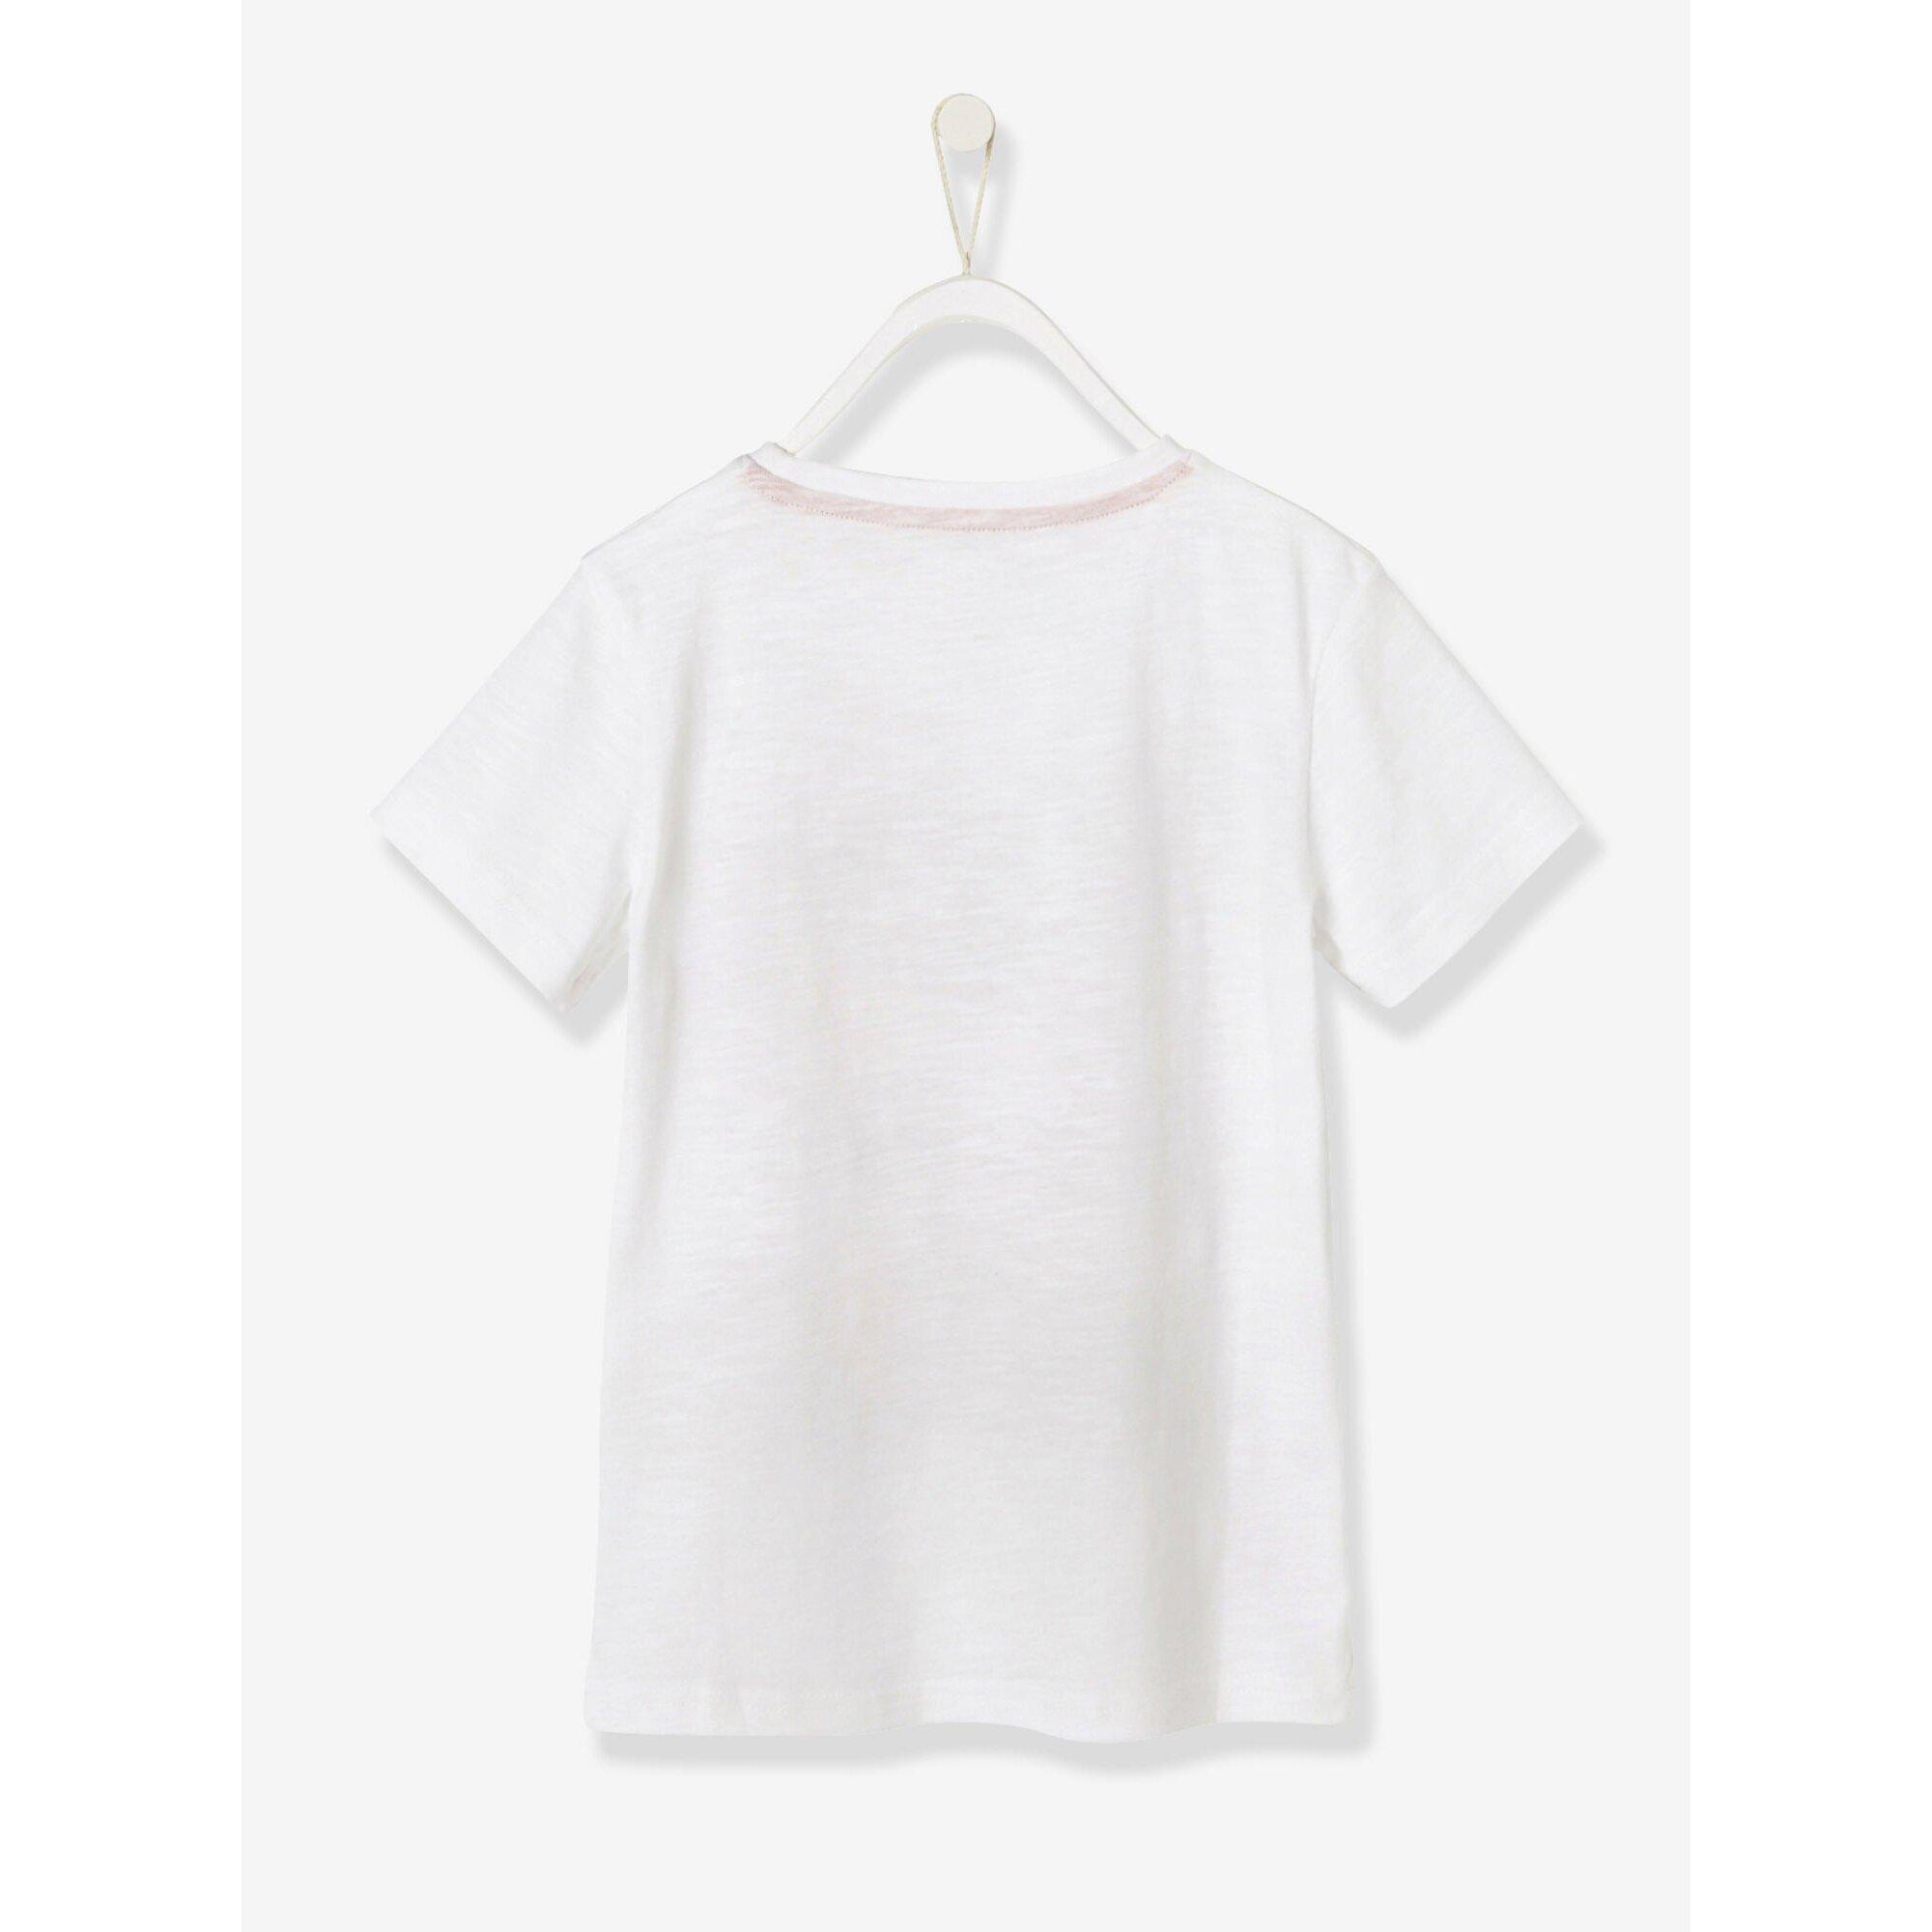 vertbaudet-t-shirt-fur-jungen-fotoprint